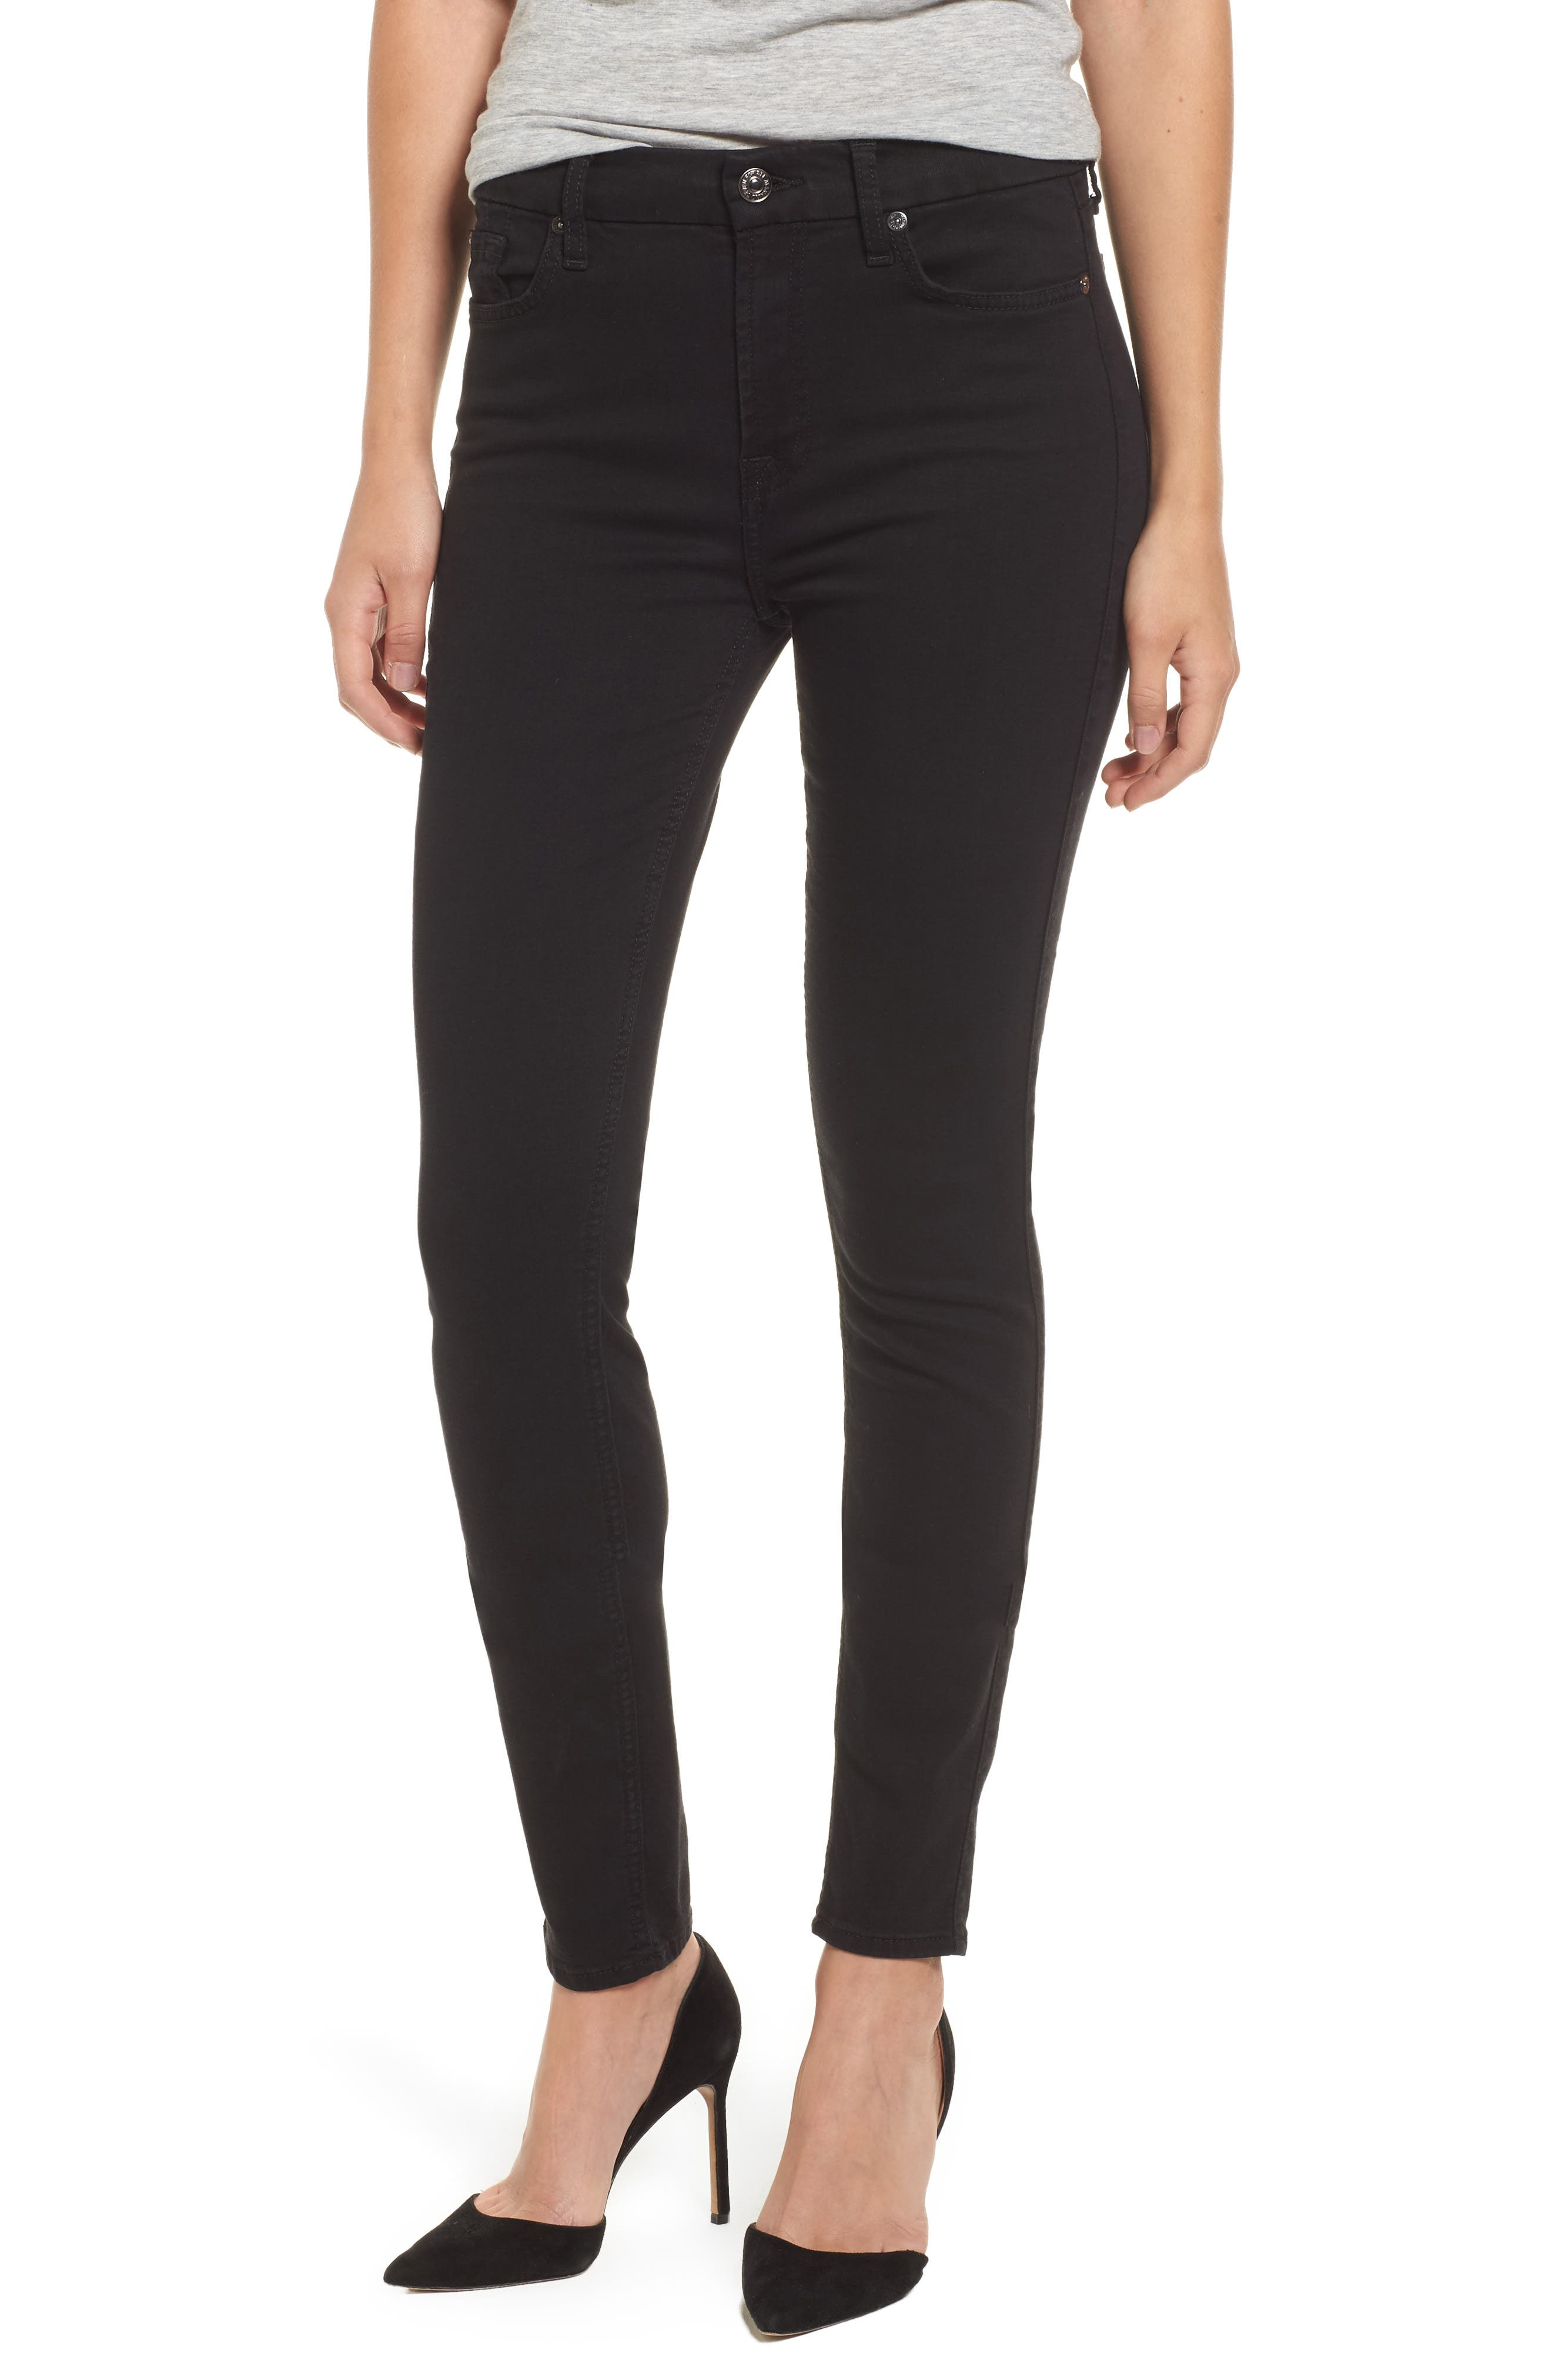 b(air) High Waist Skinny Jeans,                             Main thumbnail 1, color,                             B(AIR) BLACK